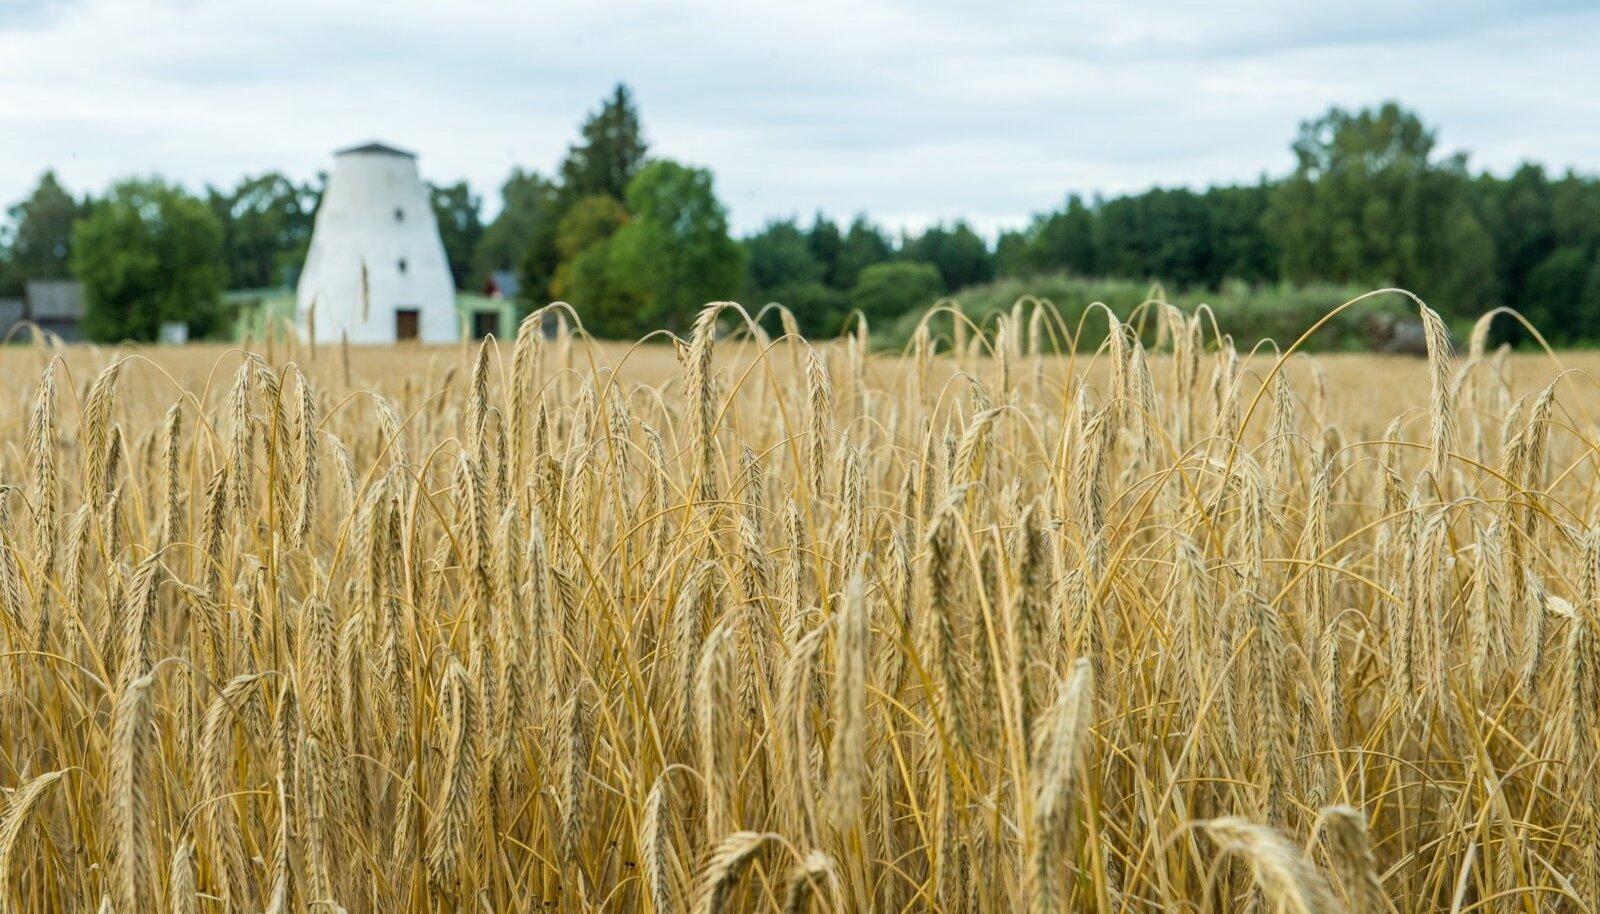 Sellist nostalgilist rukkipõllu pilti näeb Eestis üha harvem, sest rukki asemel kasvatatakse talinisu ja -otra.